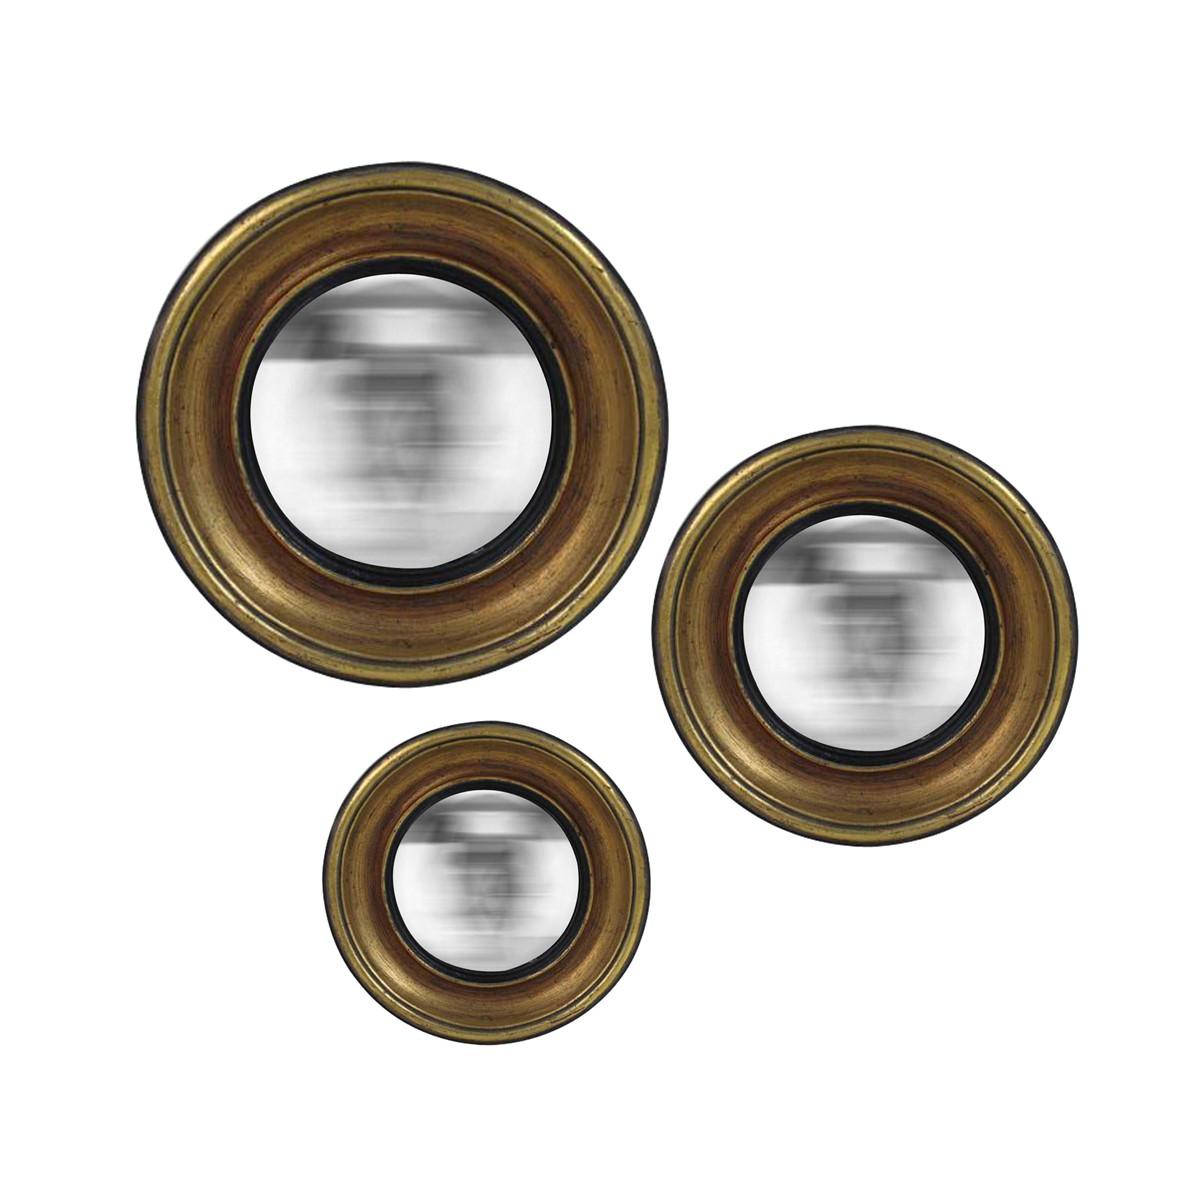 Lot de 3 miroirs convexes en résine dorée D16, 19 et 23